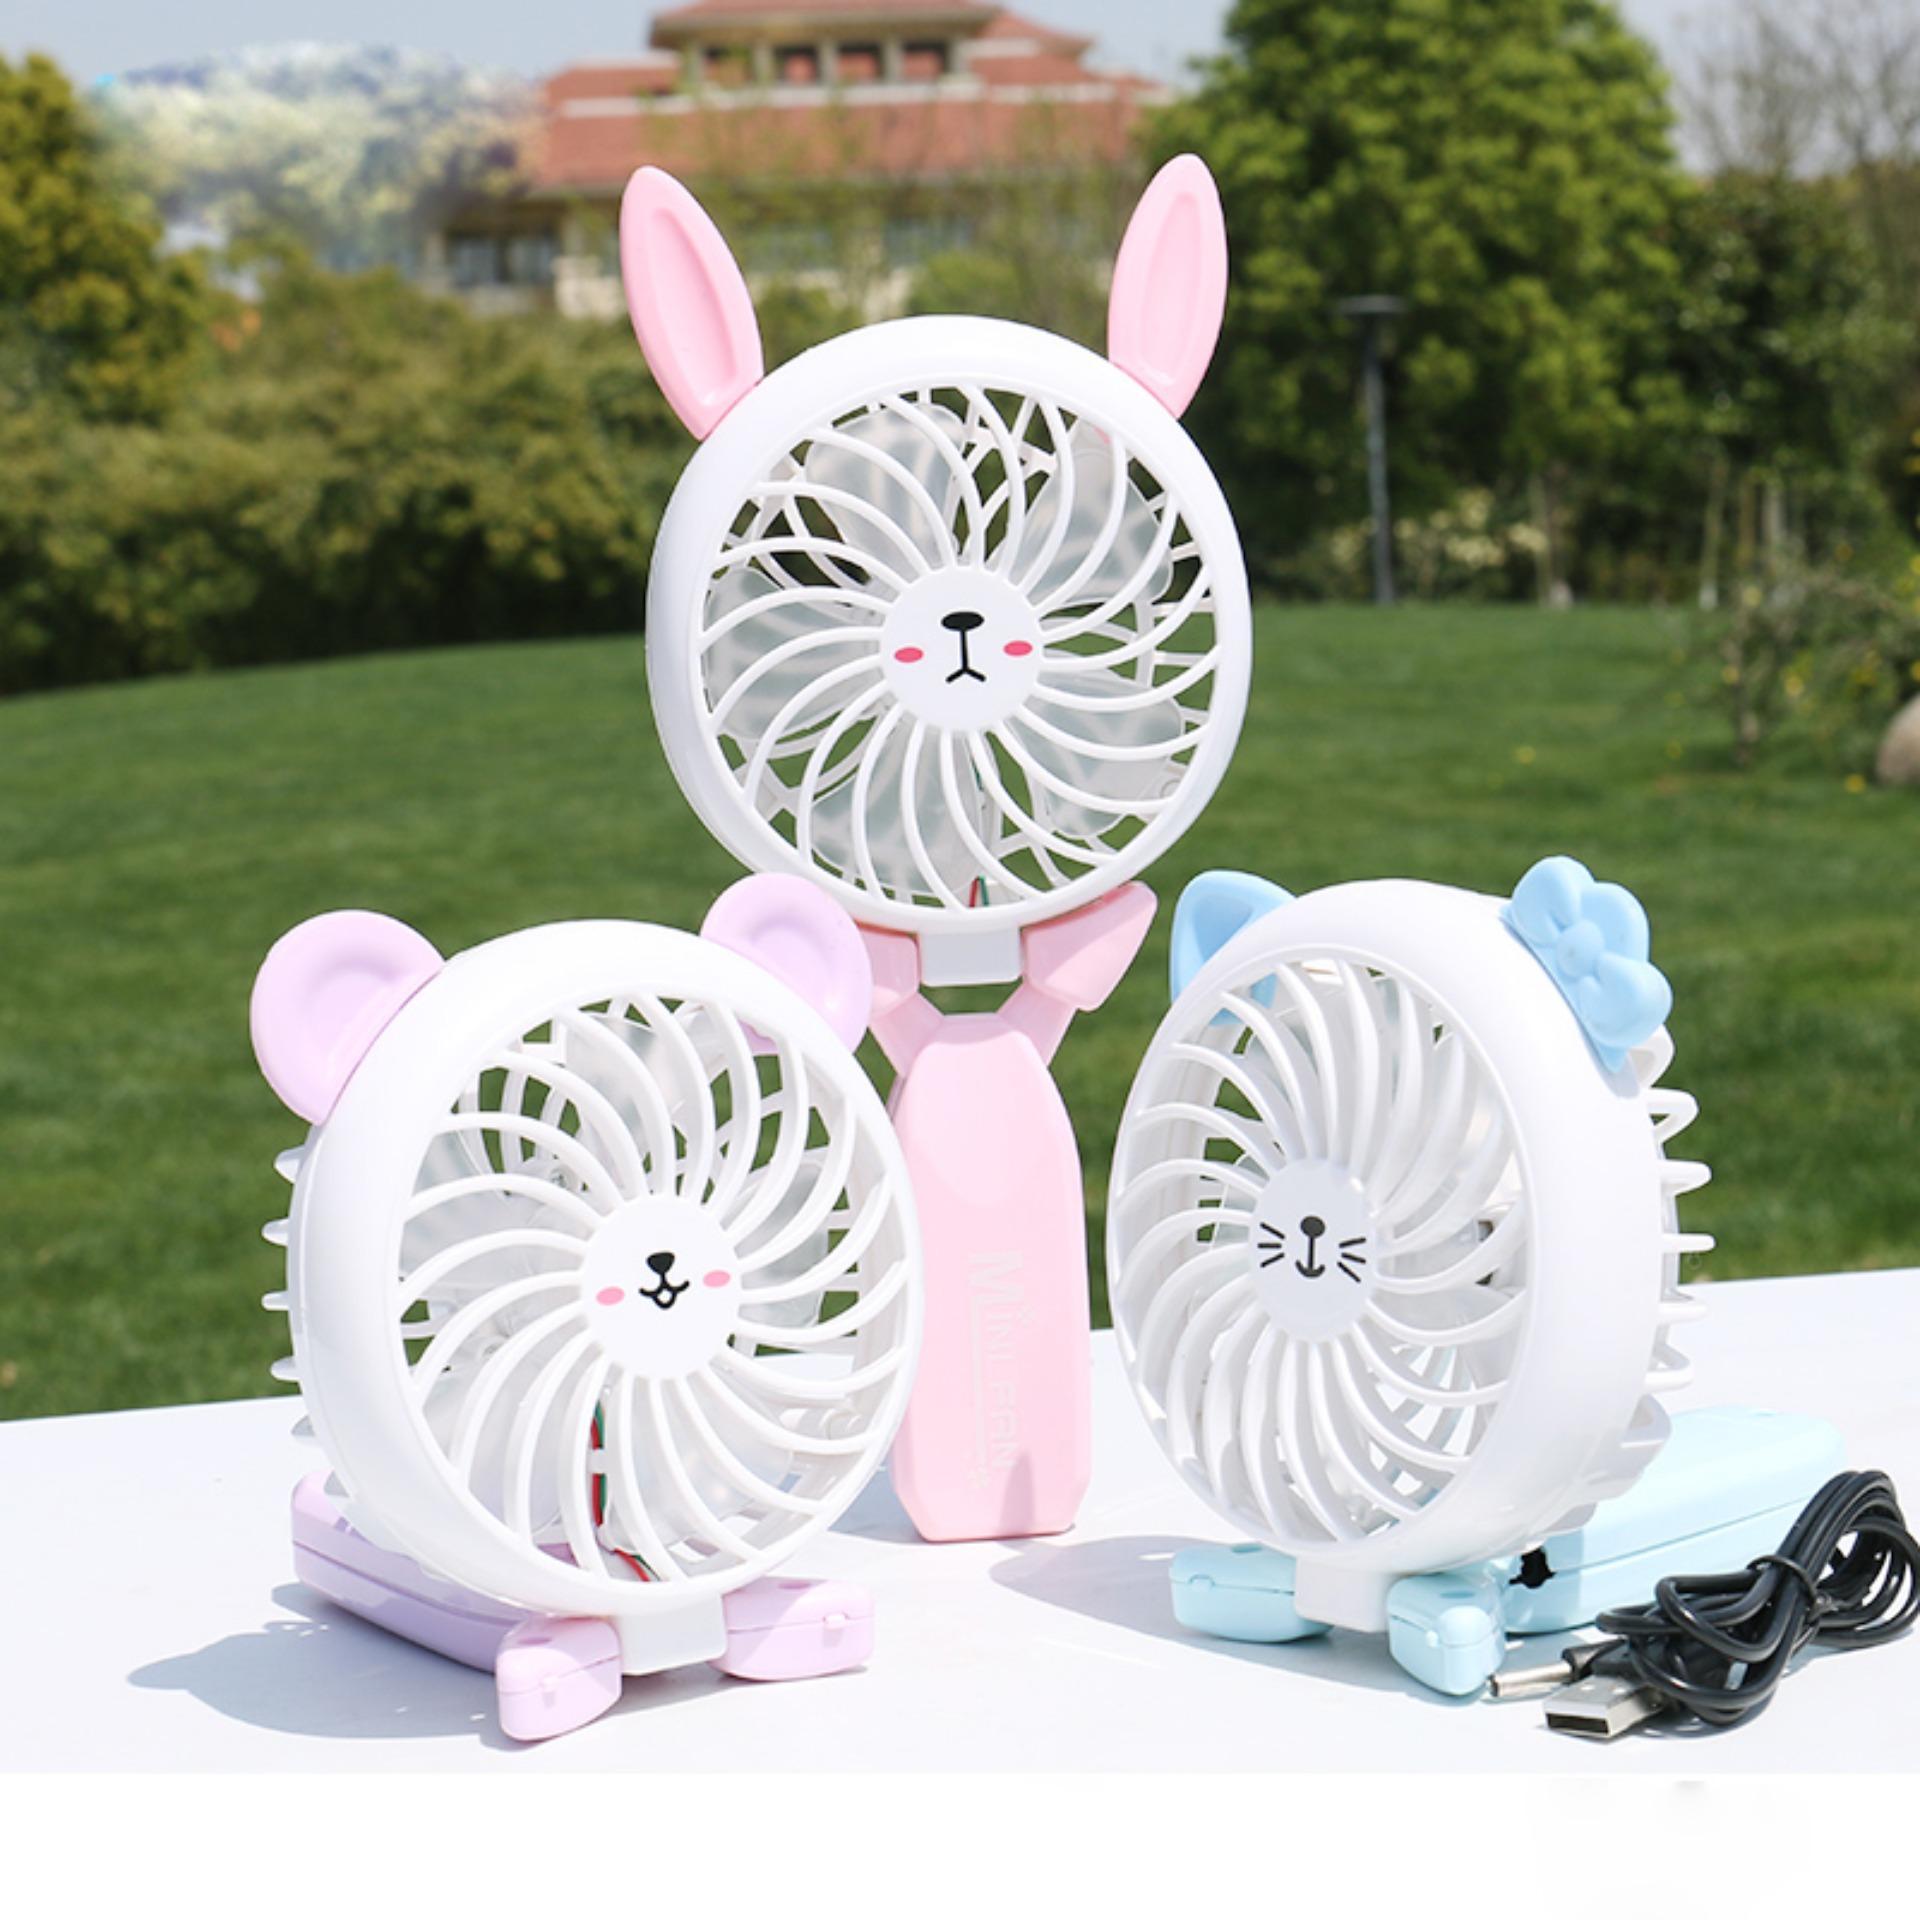 Quạt sạc mini Fan cầm tay siêu mát gấp gọn KH003- Quạt Cầm Tay Mini Cực Mát - Kèm Pin và Cáp Sạc-Màu Ngẫu Nhiên-Phụ Kiện Giá Tốt